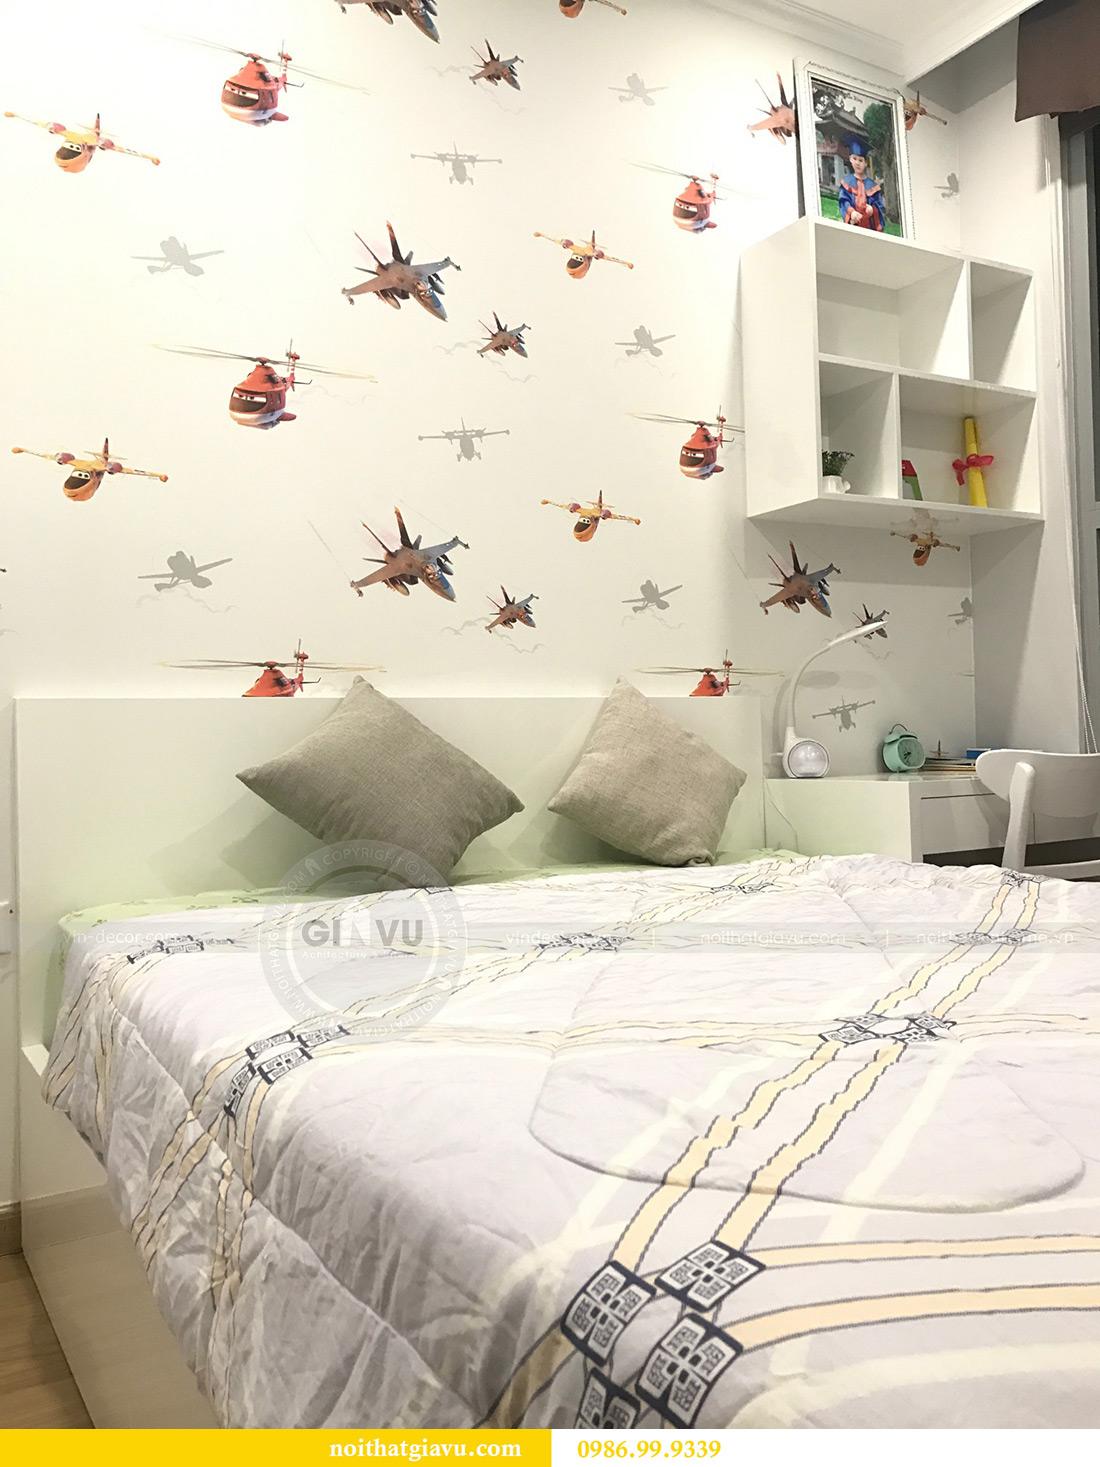 Hoàn thiện nội thất chung cư Gardenia tòa A1 căn 03 - Anh Luân 10